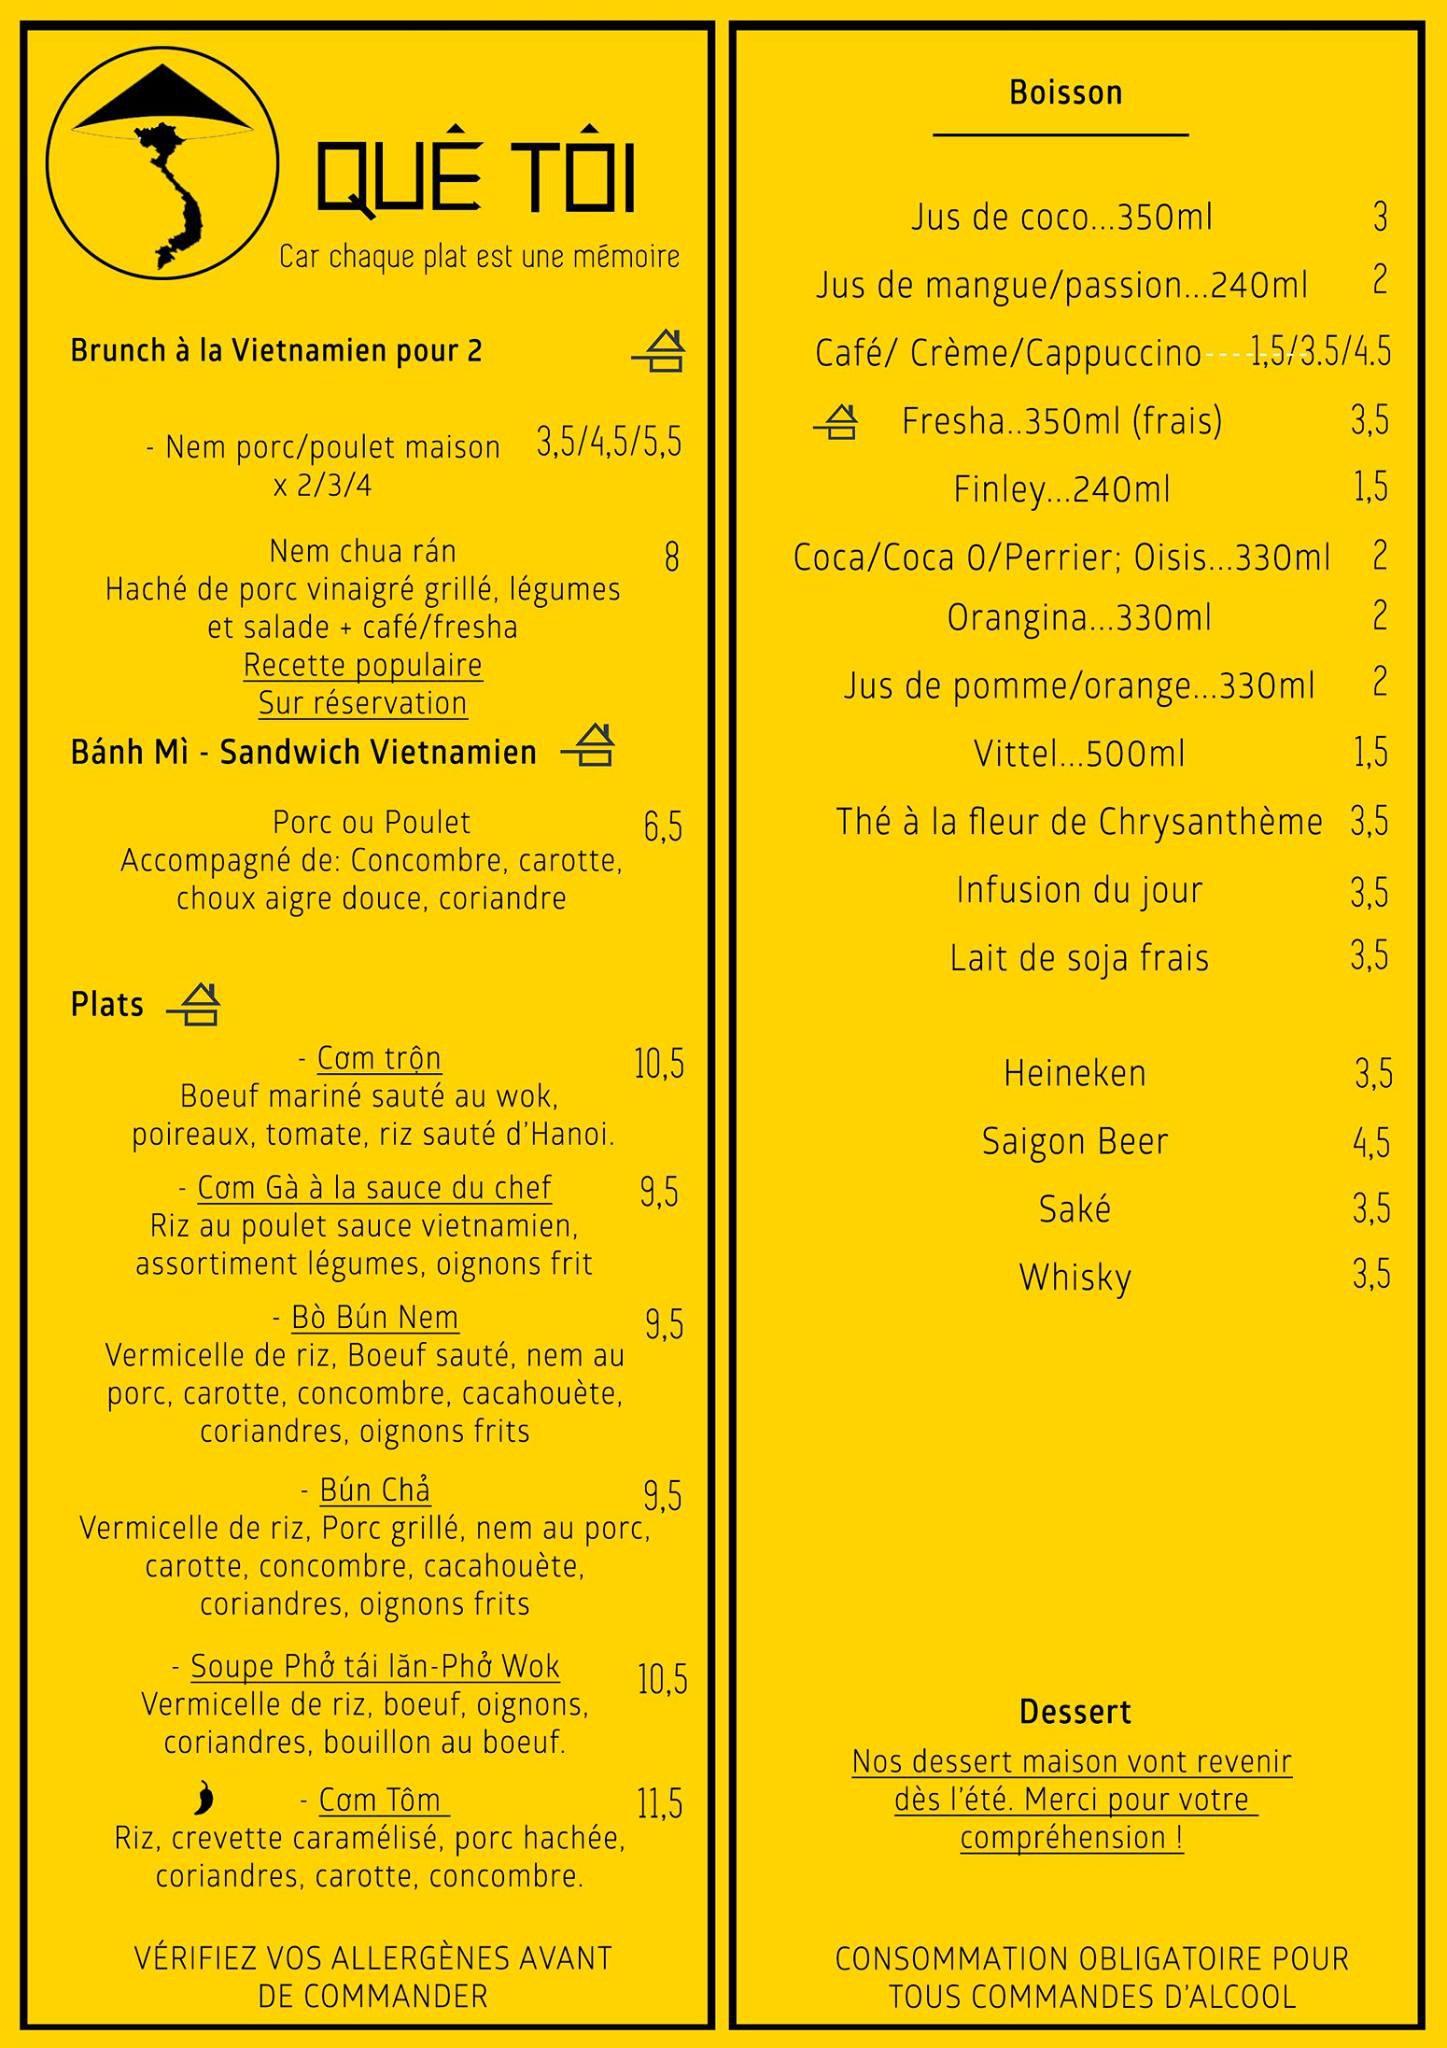 Carte Restaurant Bordeaux.Que Toi A Bordeaux Carte Menu Et Photos